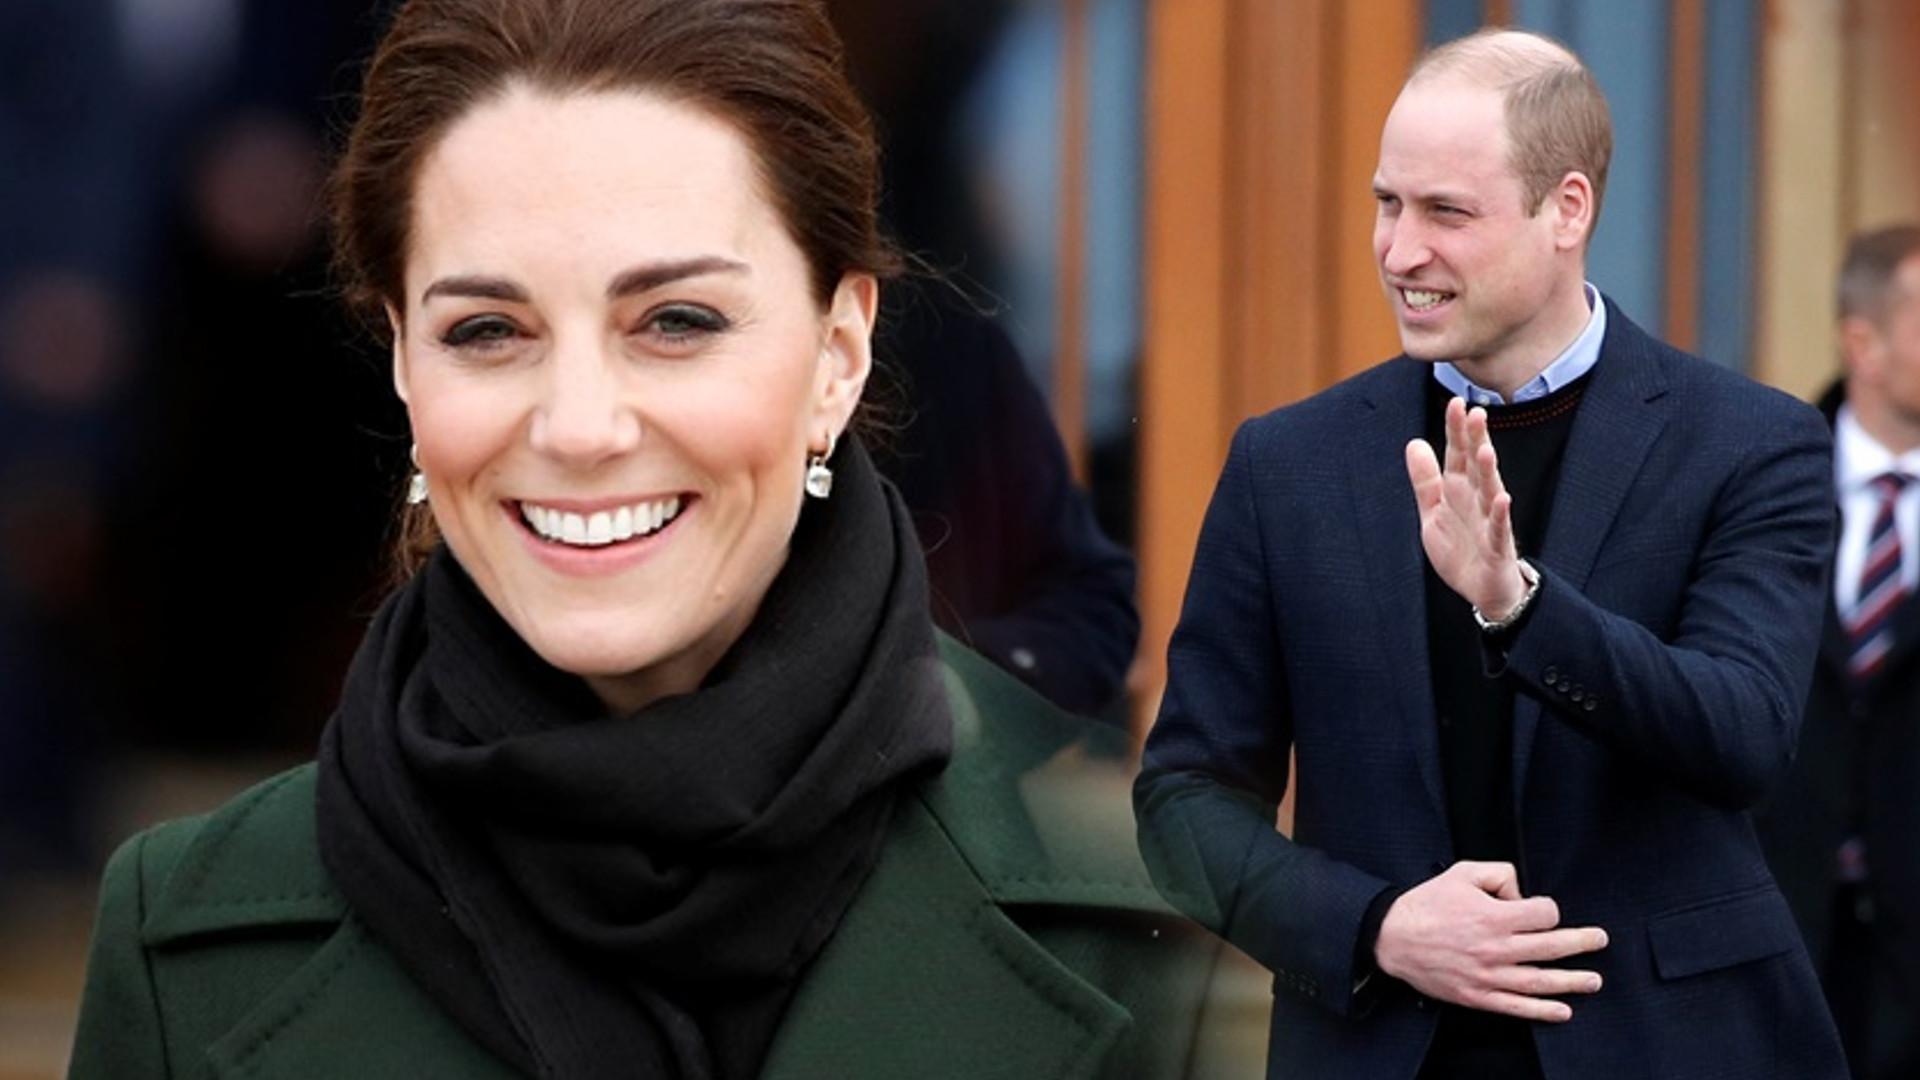 Kate Middleton i książę William okazują sobie czułość w miejscu publicznym. Wszystko uchwyciła kamera (VIDEO)